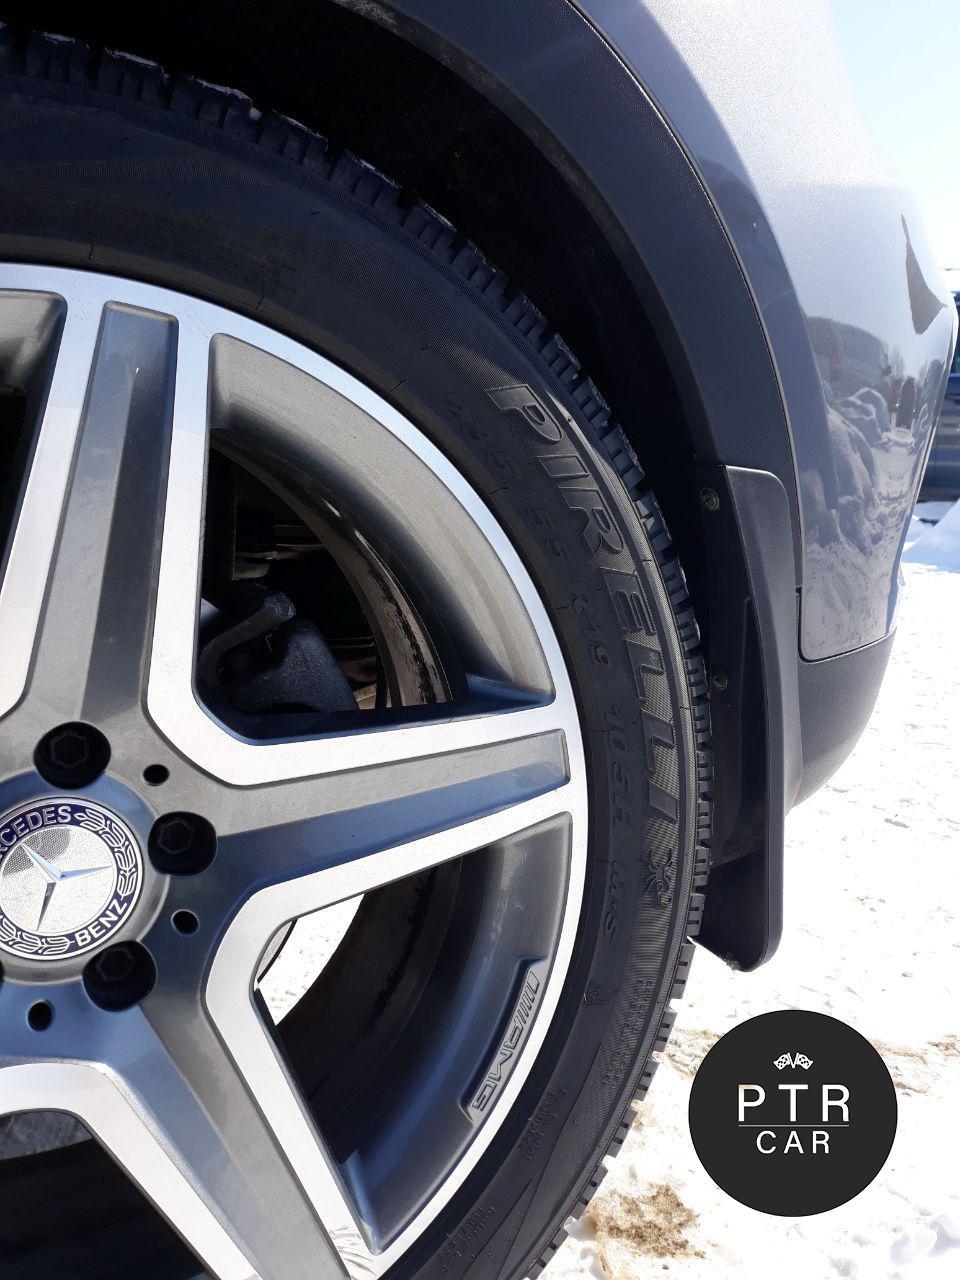 Брызговики Mercedes-Benz GLE Coupe (без порогов) 2015-,кт 4шт